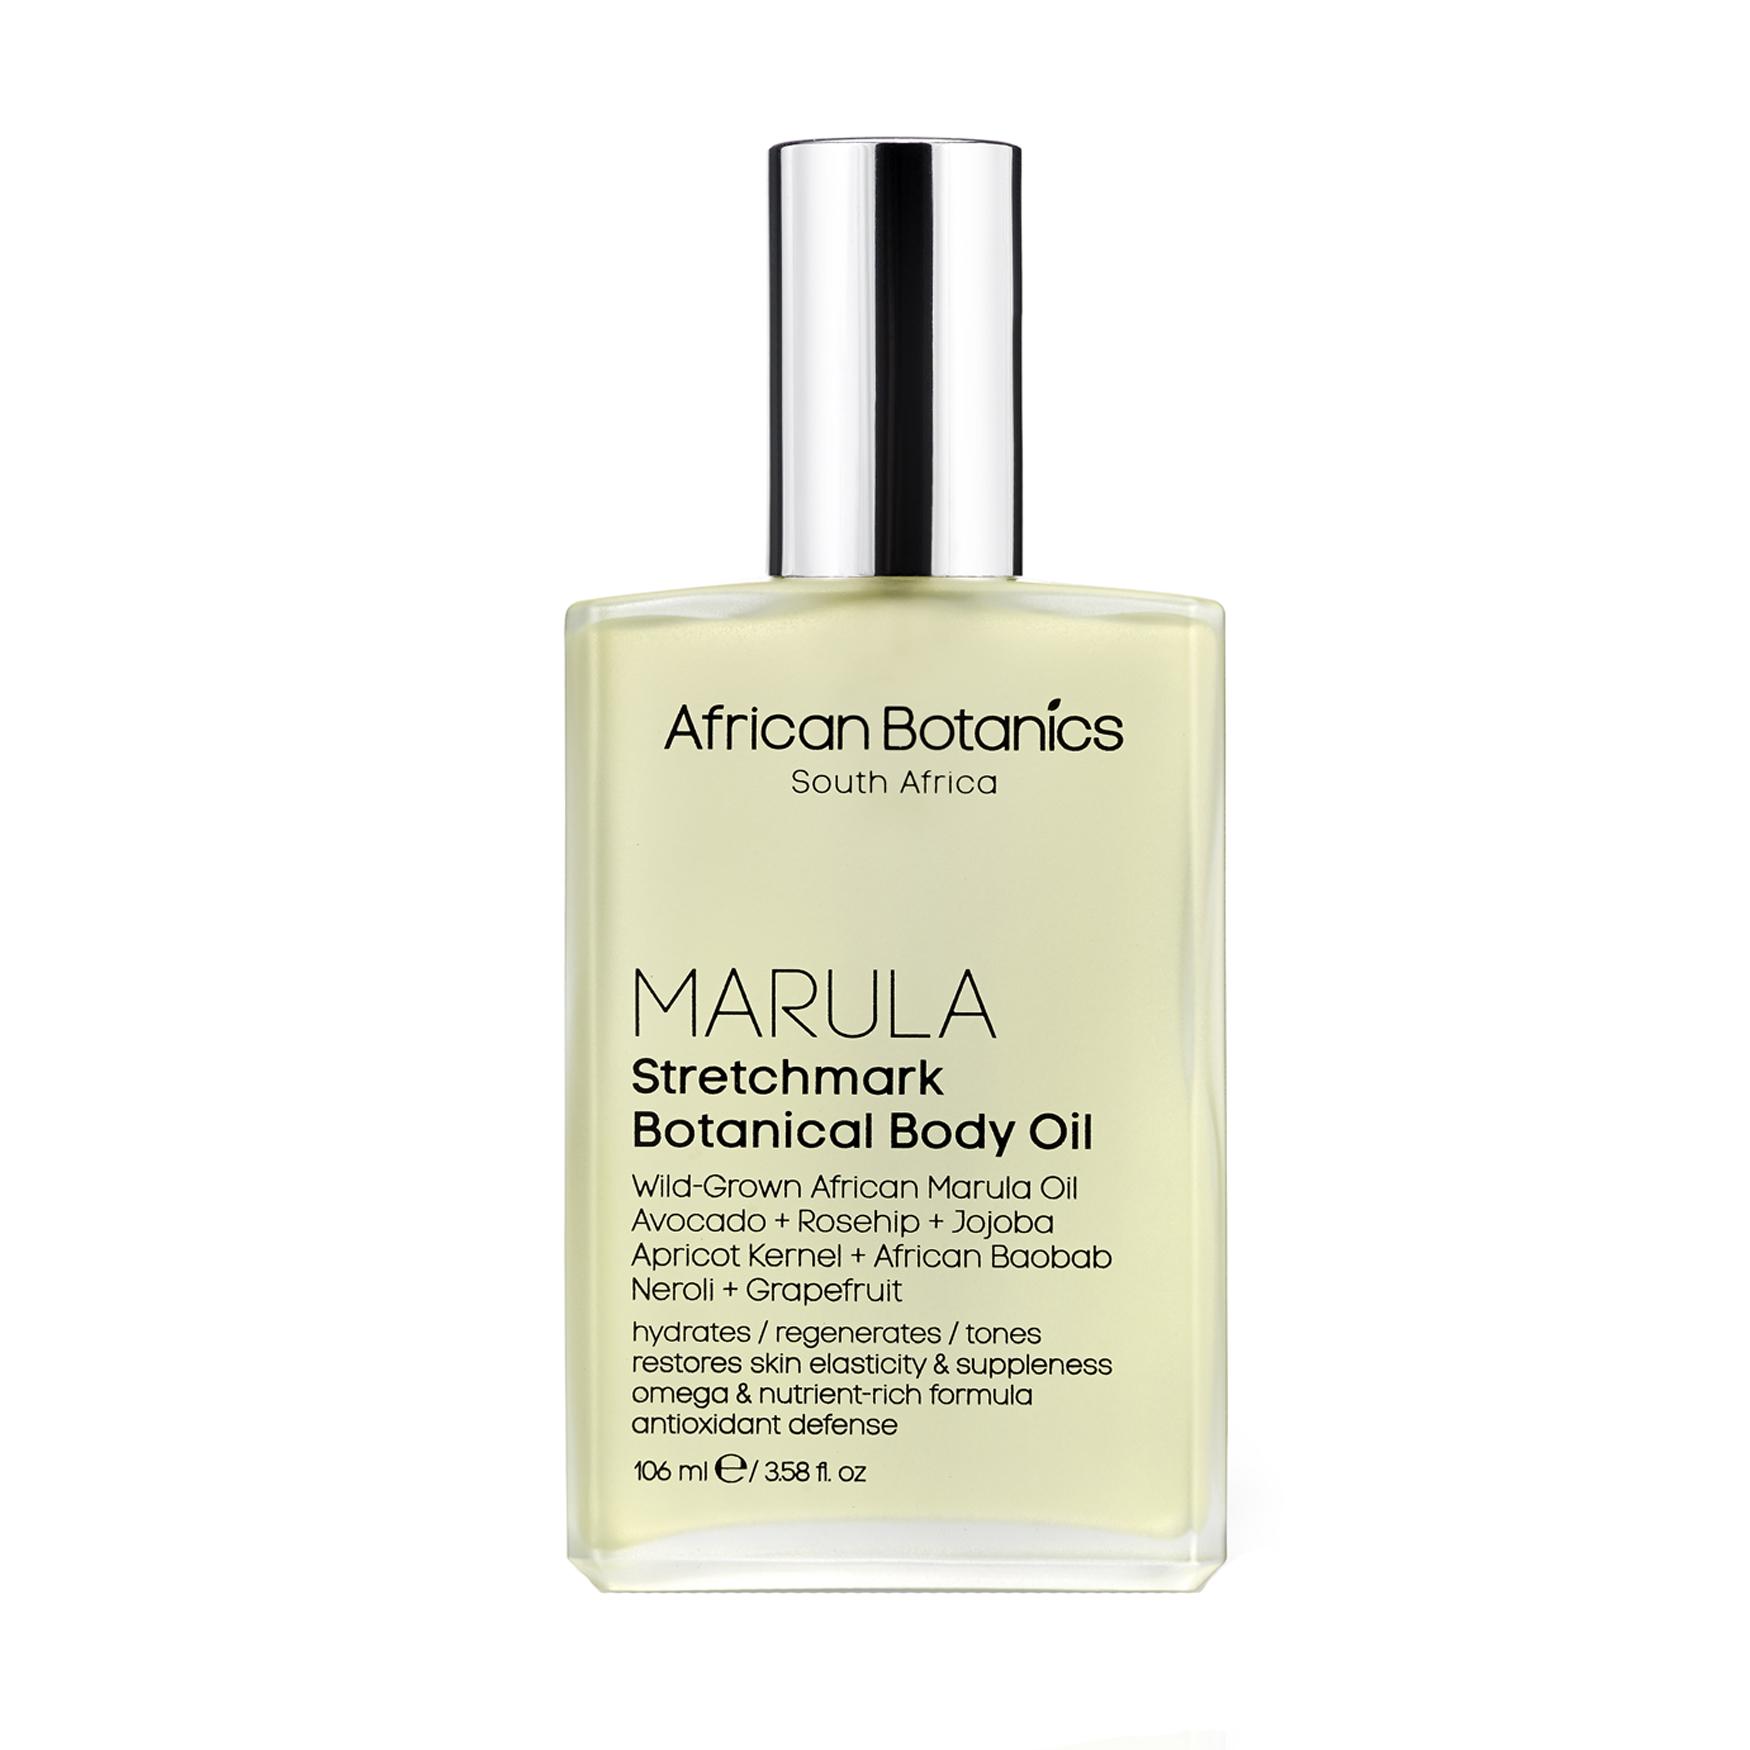 Marula Stretchmark Botanical Body Oil, , large